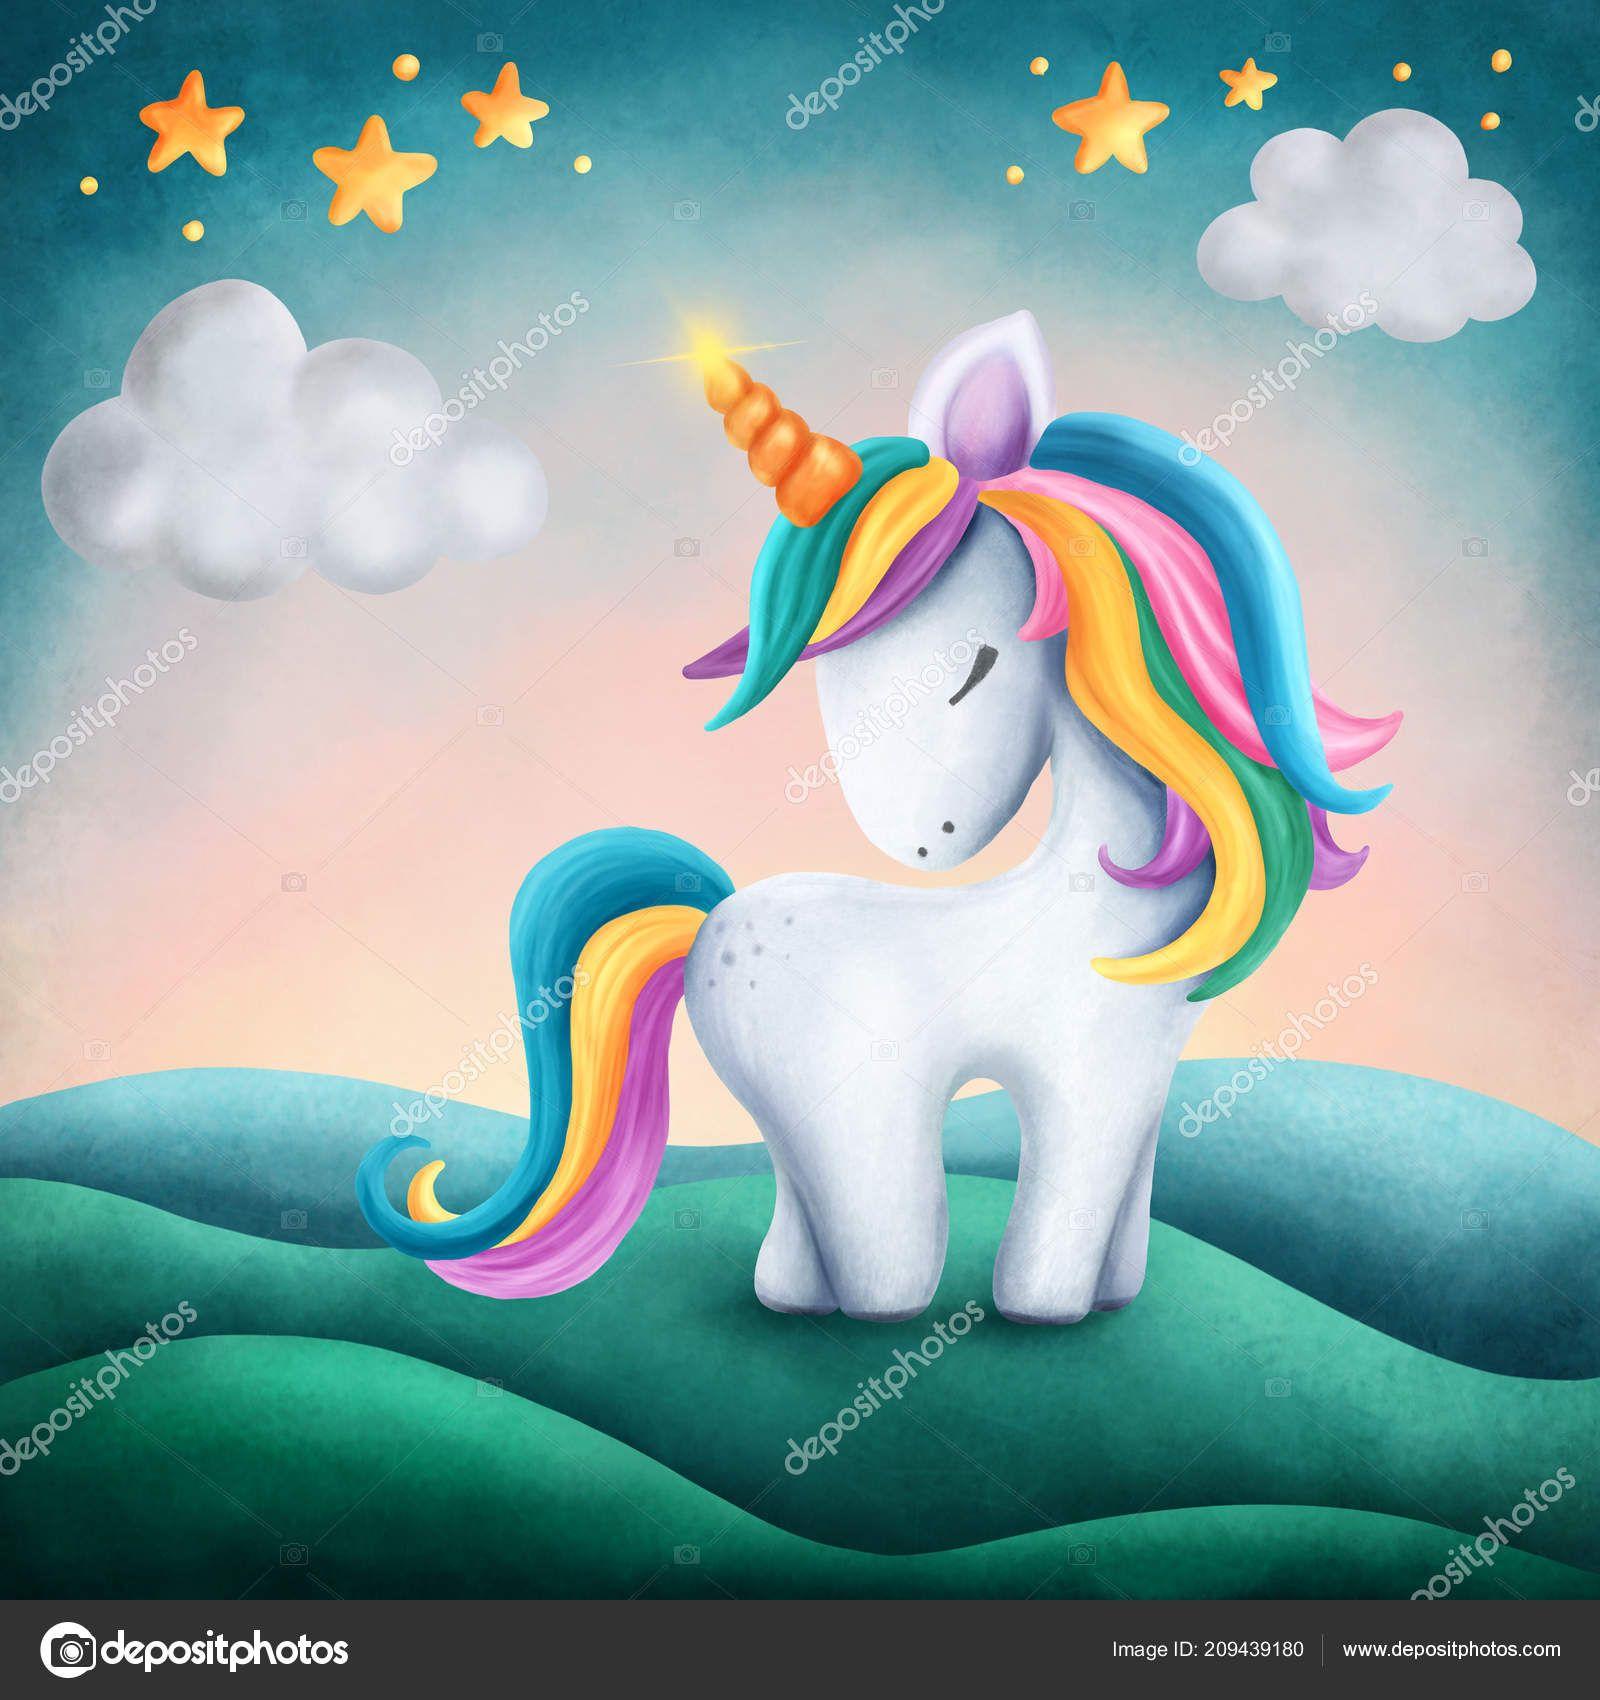 Depositphotos 209439180 Stock Photo Digital Illustration Little Cute Unicorn Jpg 1600 1700 Eenhoorn Kunst Afbeeldingen Kleurboek